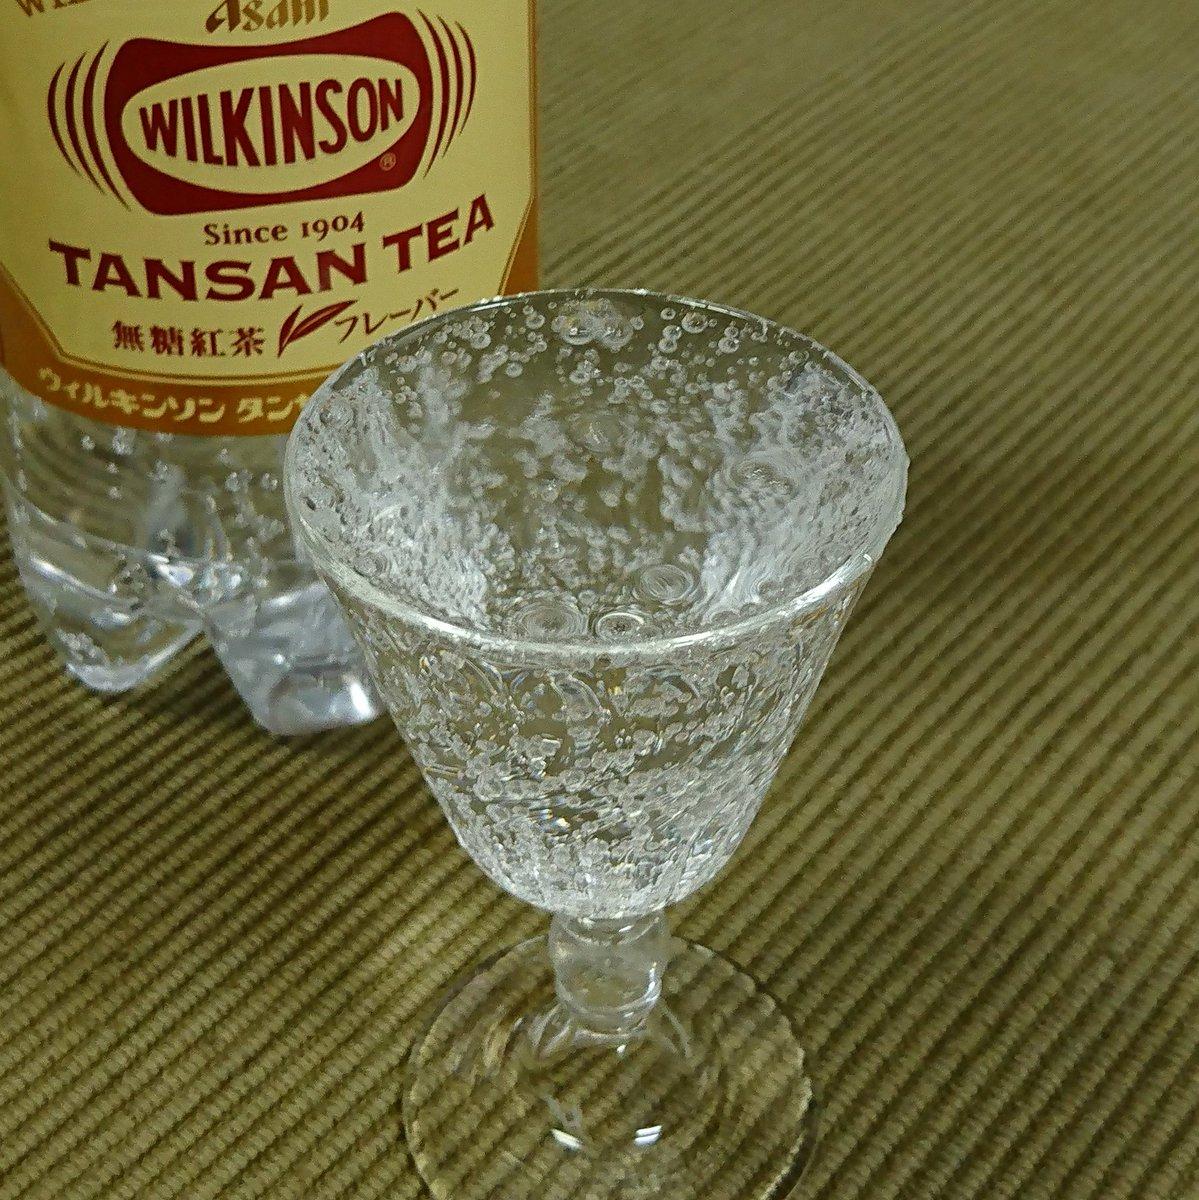 ウィルキンソン タンサン ティー。限りなく透明な水色、甘やかな紅茶飴のような香、刺激を伴う軽やかな甘味。まるで炭酸水のような紅茶でしたw